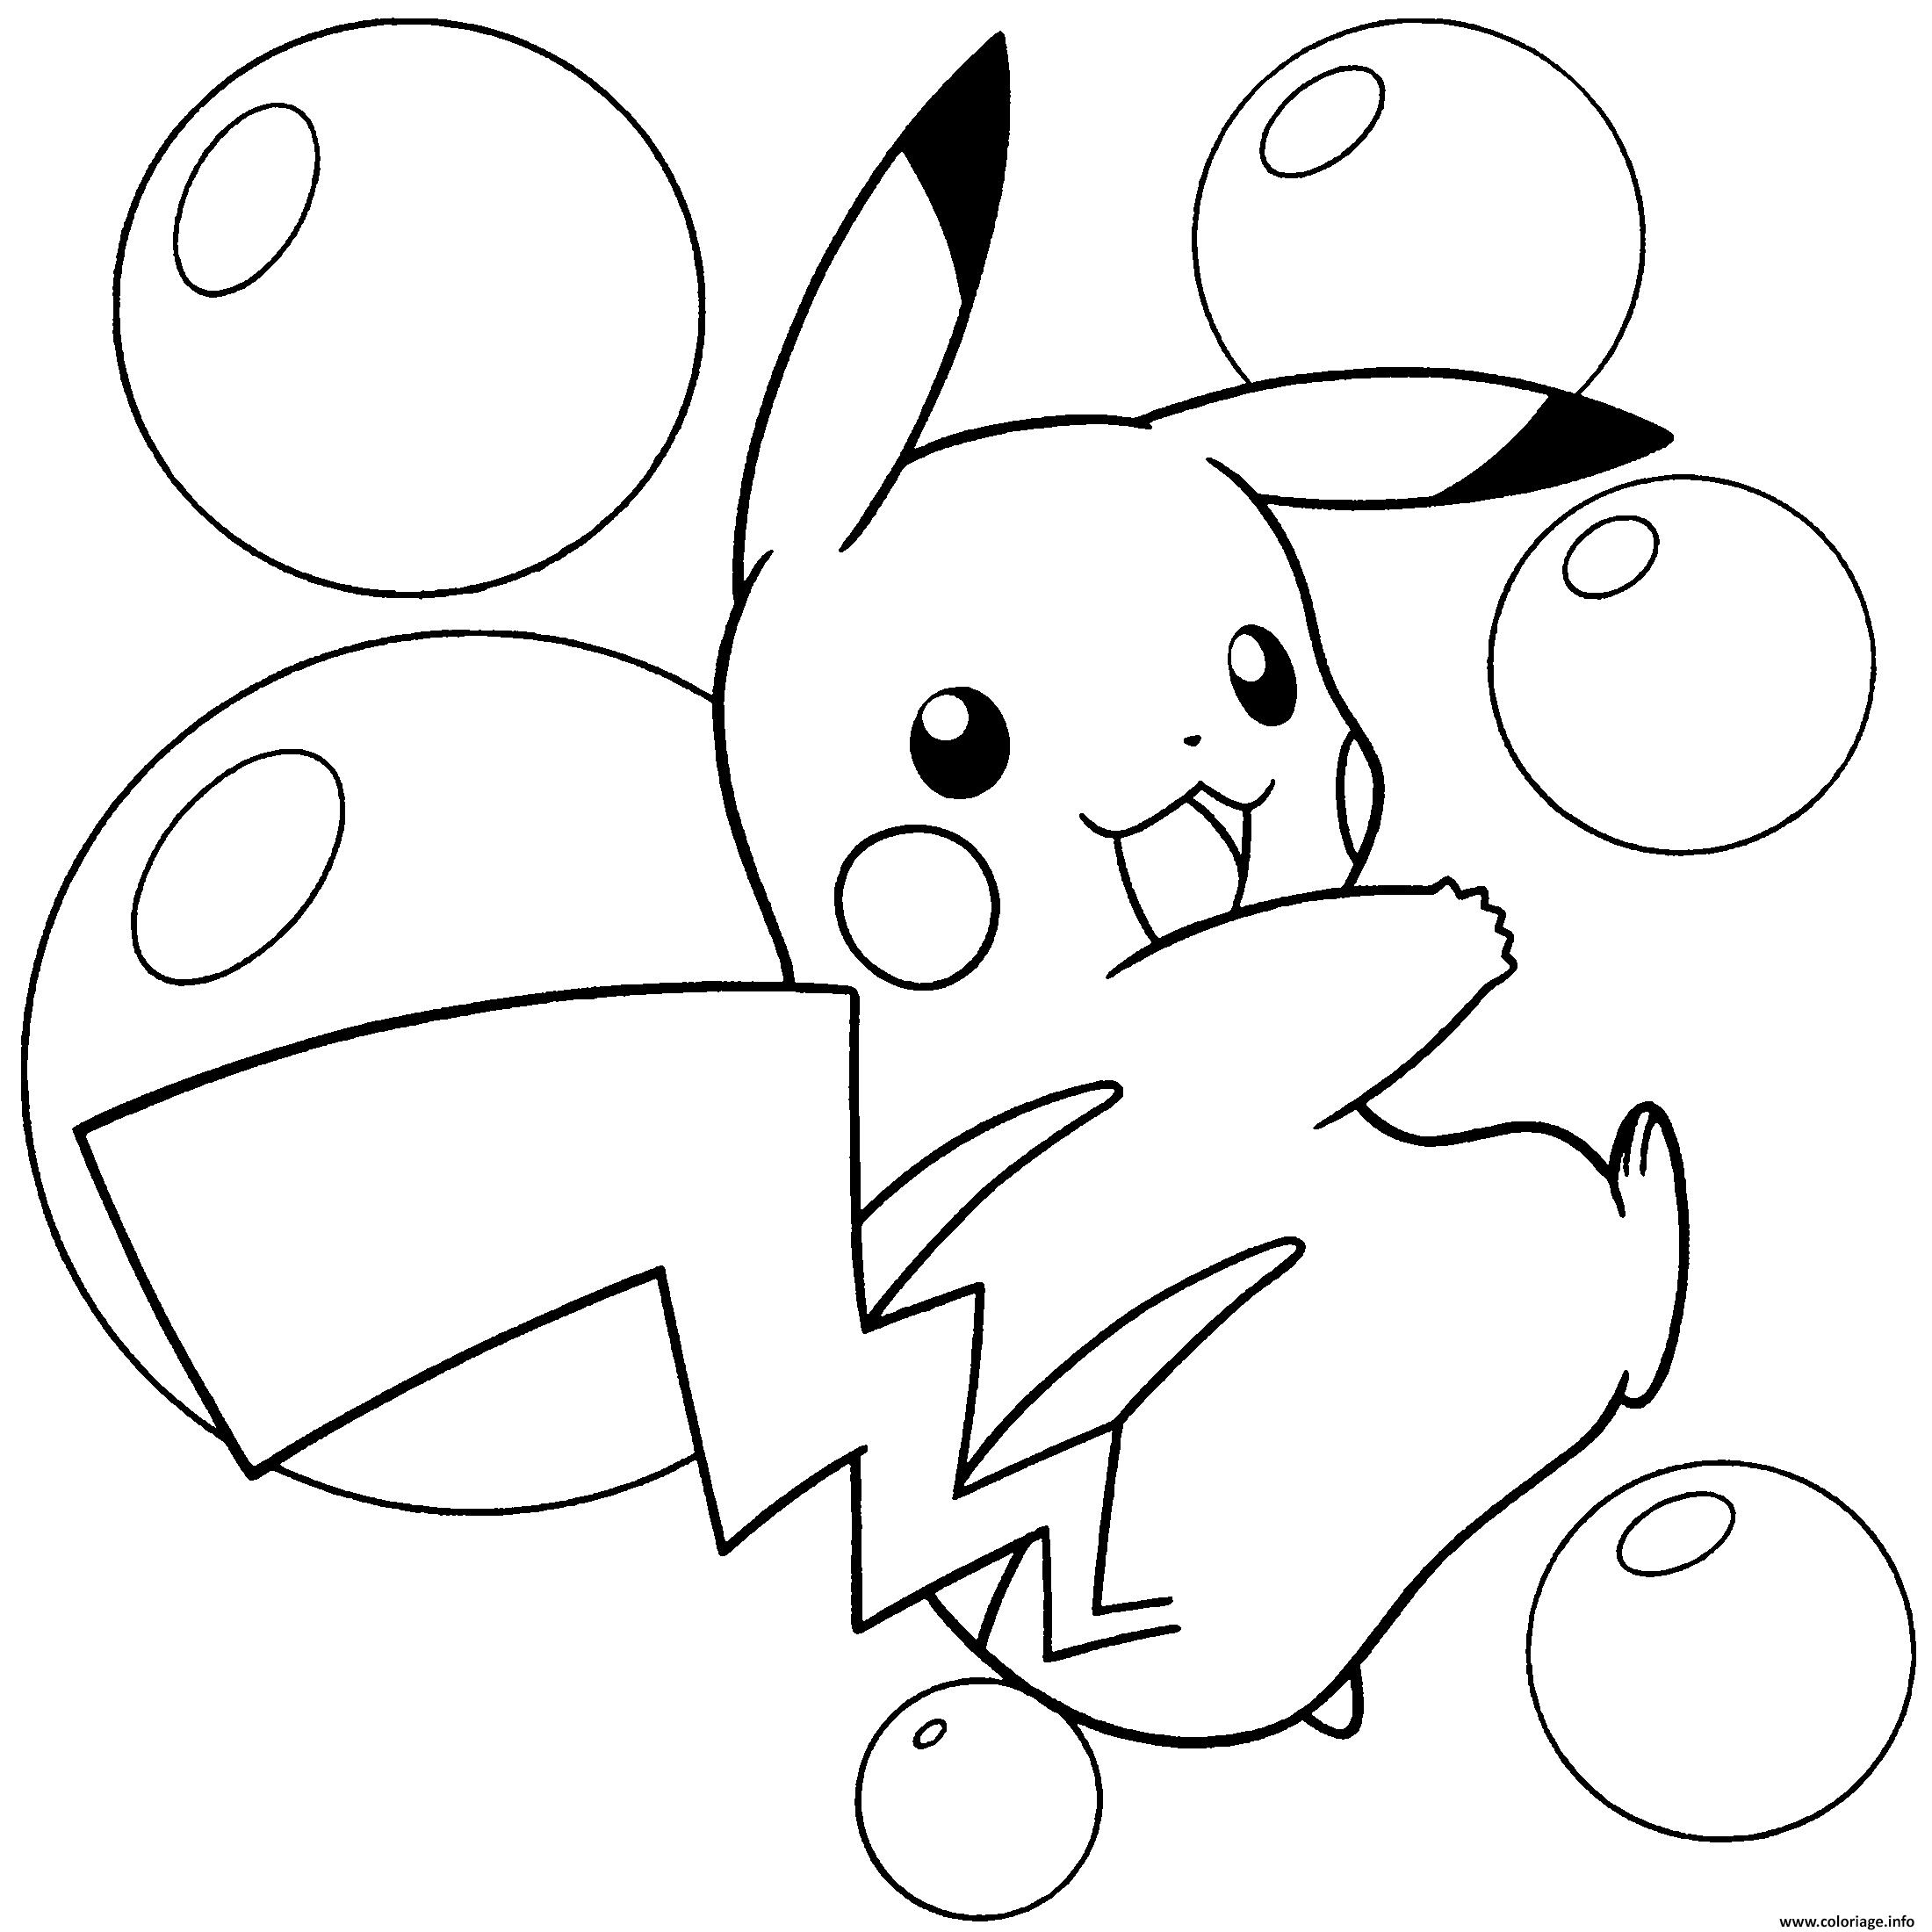 Coloriage Pokemon Pikachu Fait Le Saut Avec Des Ballons Dessin